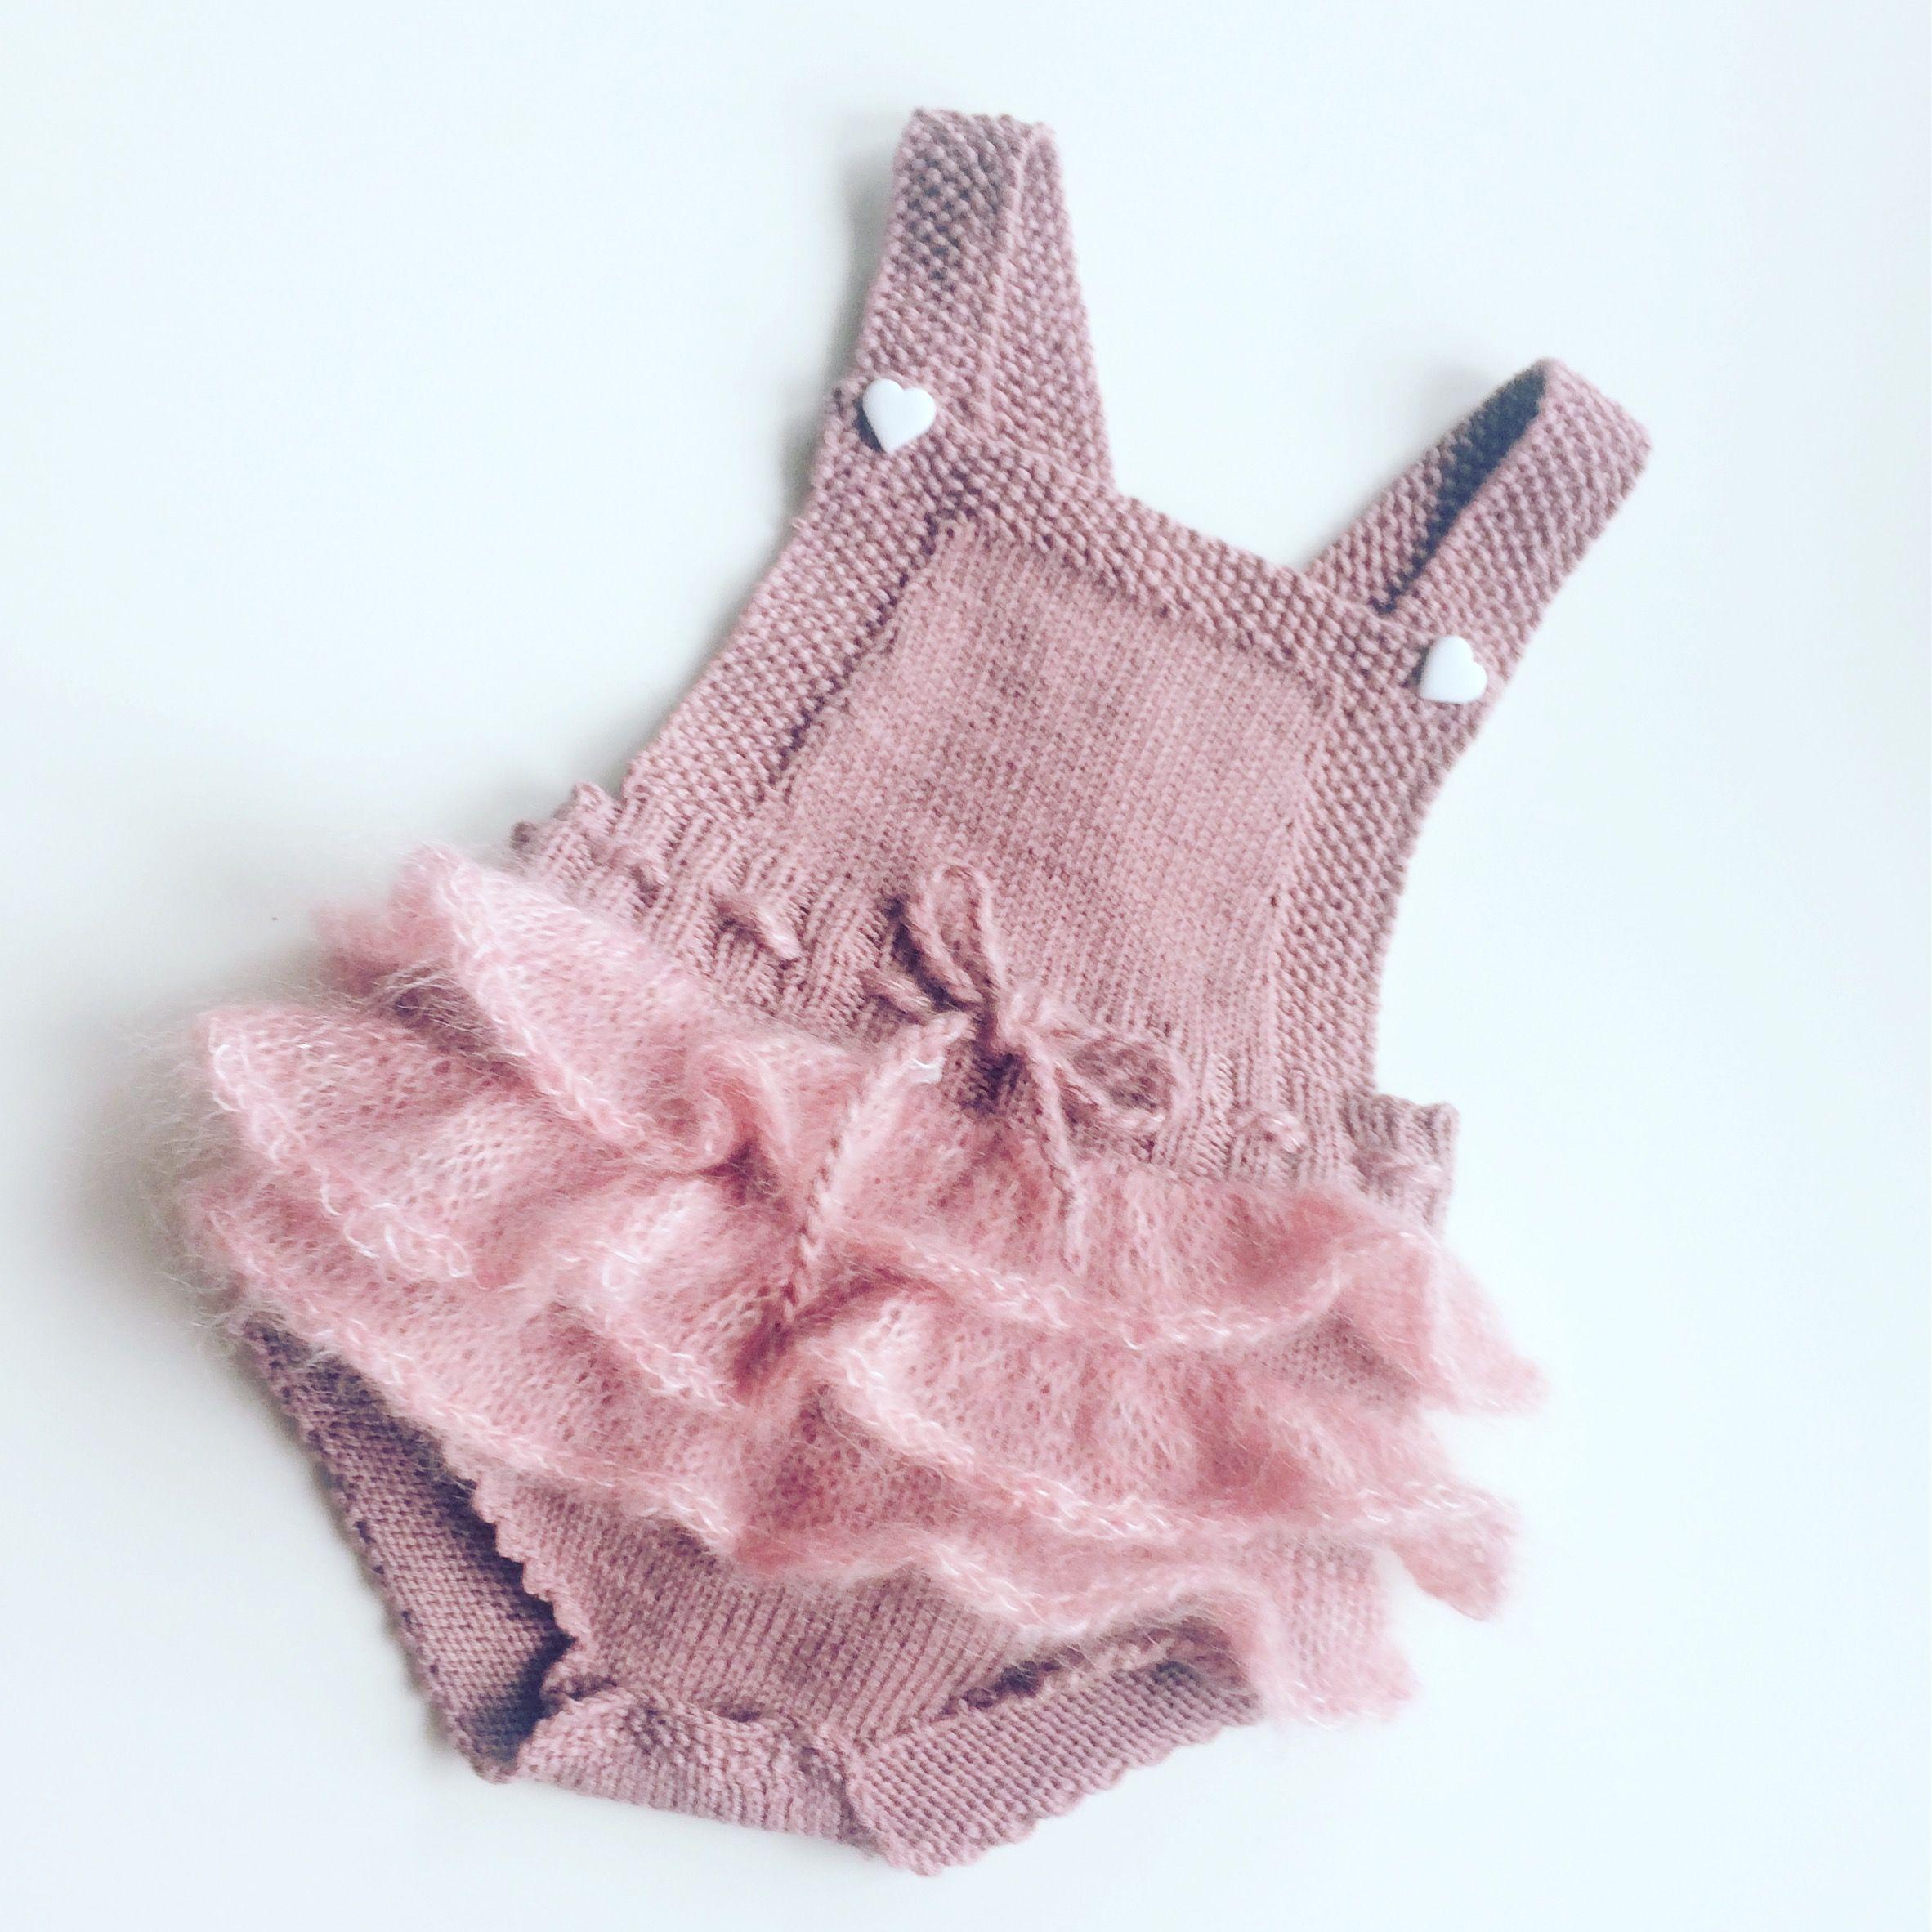 lillesukkerspinn | Вязание | Pinterest | Babies, Crochet and Baby ...